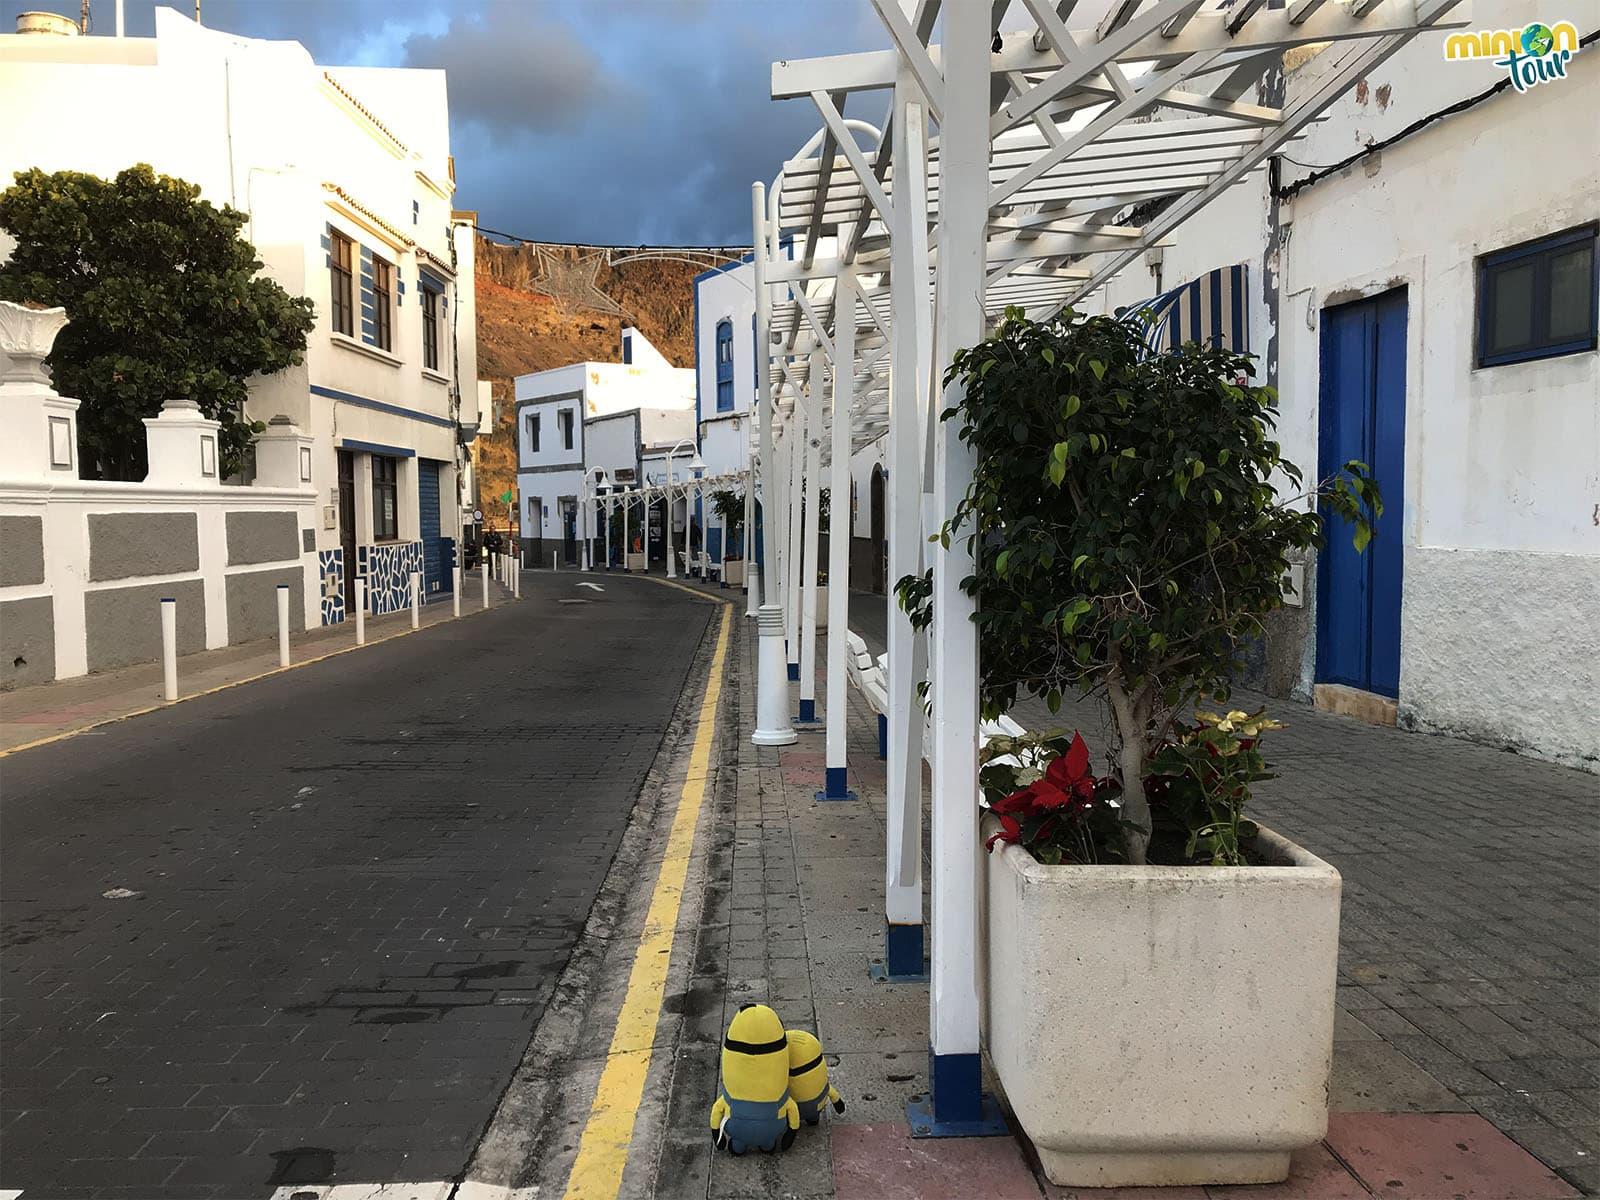 Puerto de las Nieves y sus calles blancas y azules